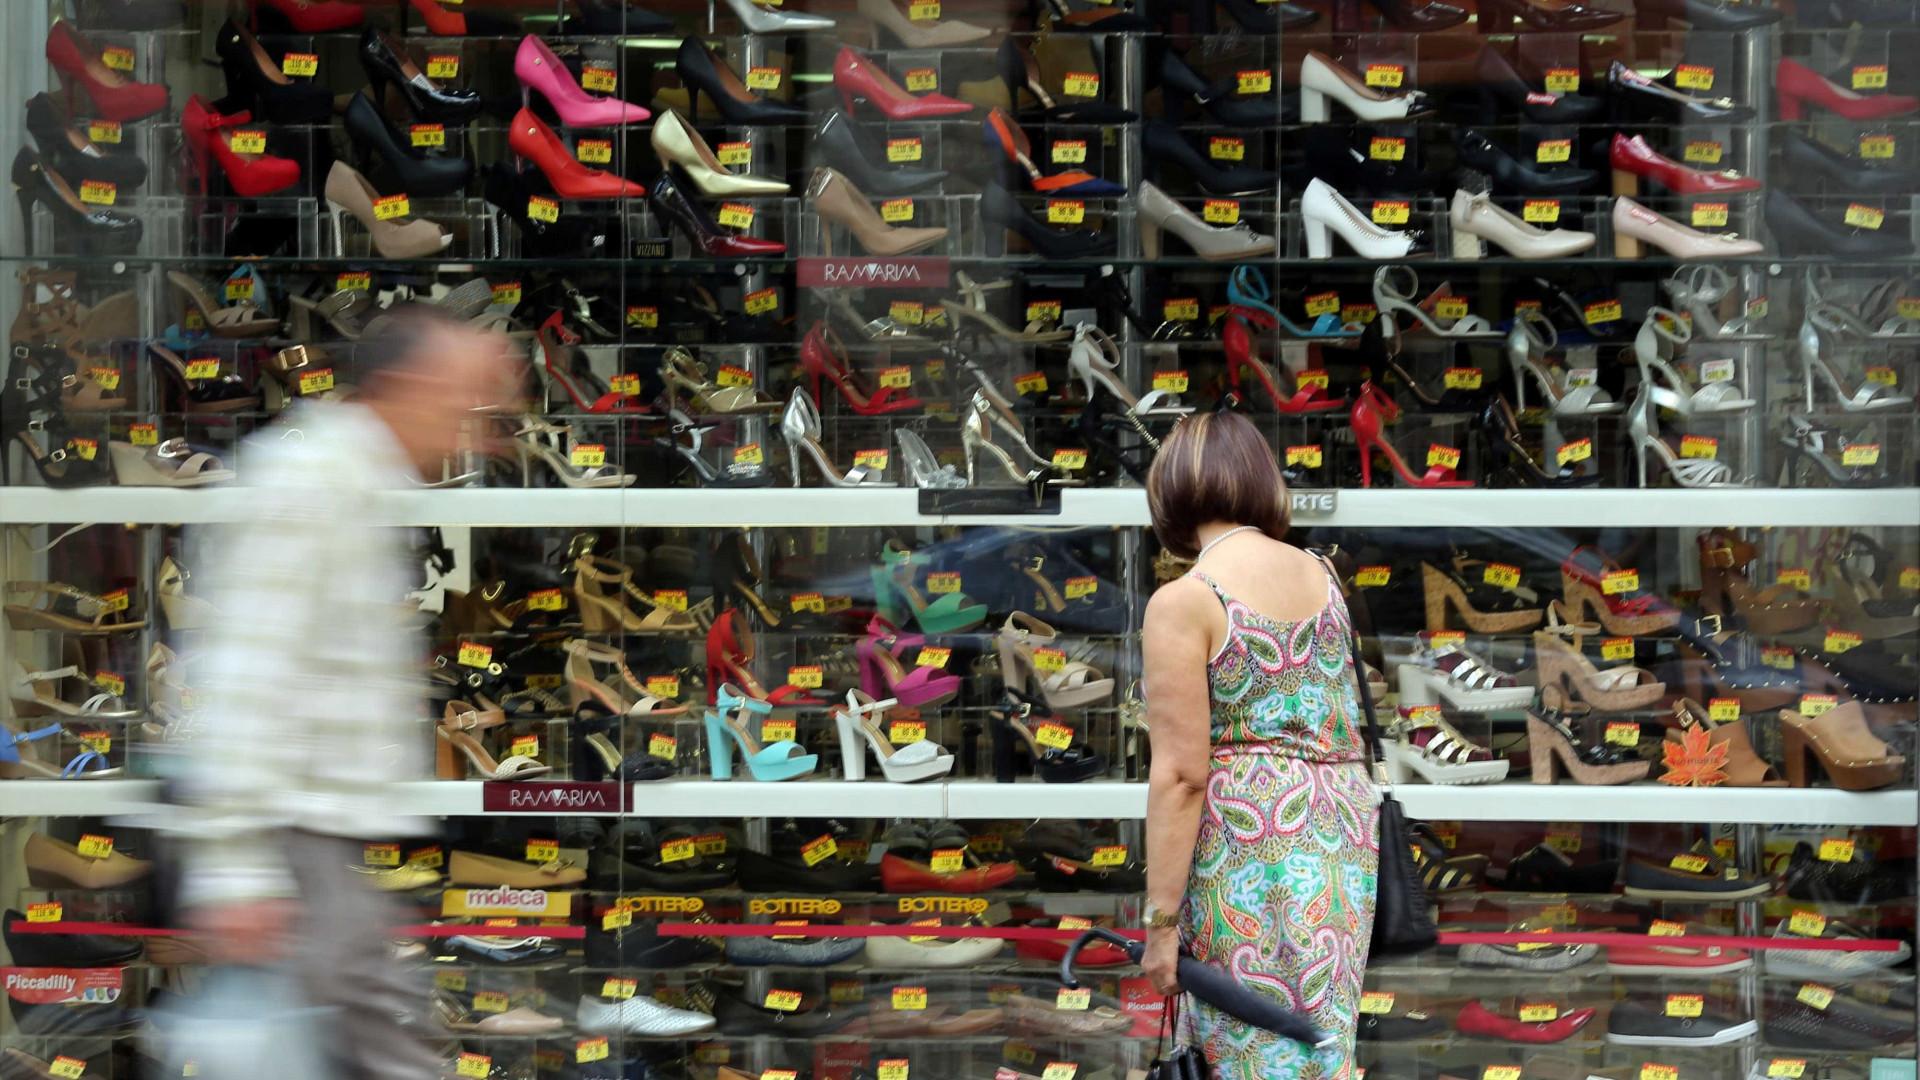 Epidemia derruba vendas no País no fim de semana